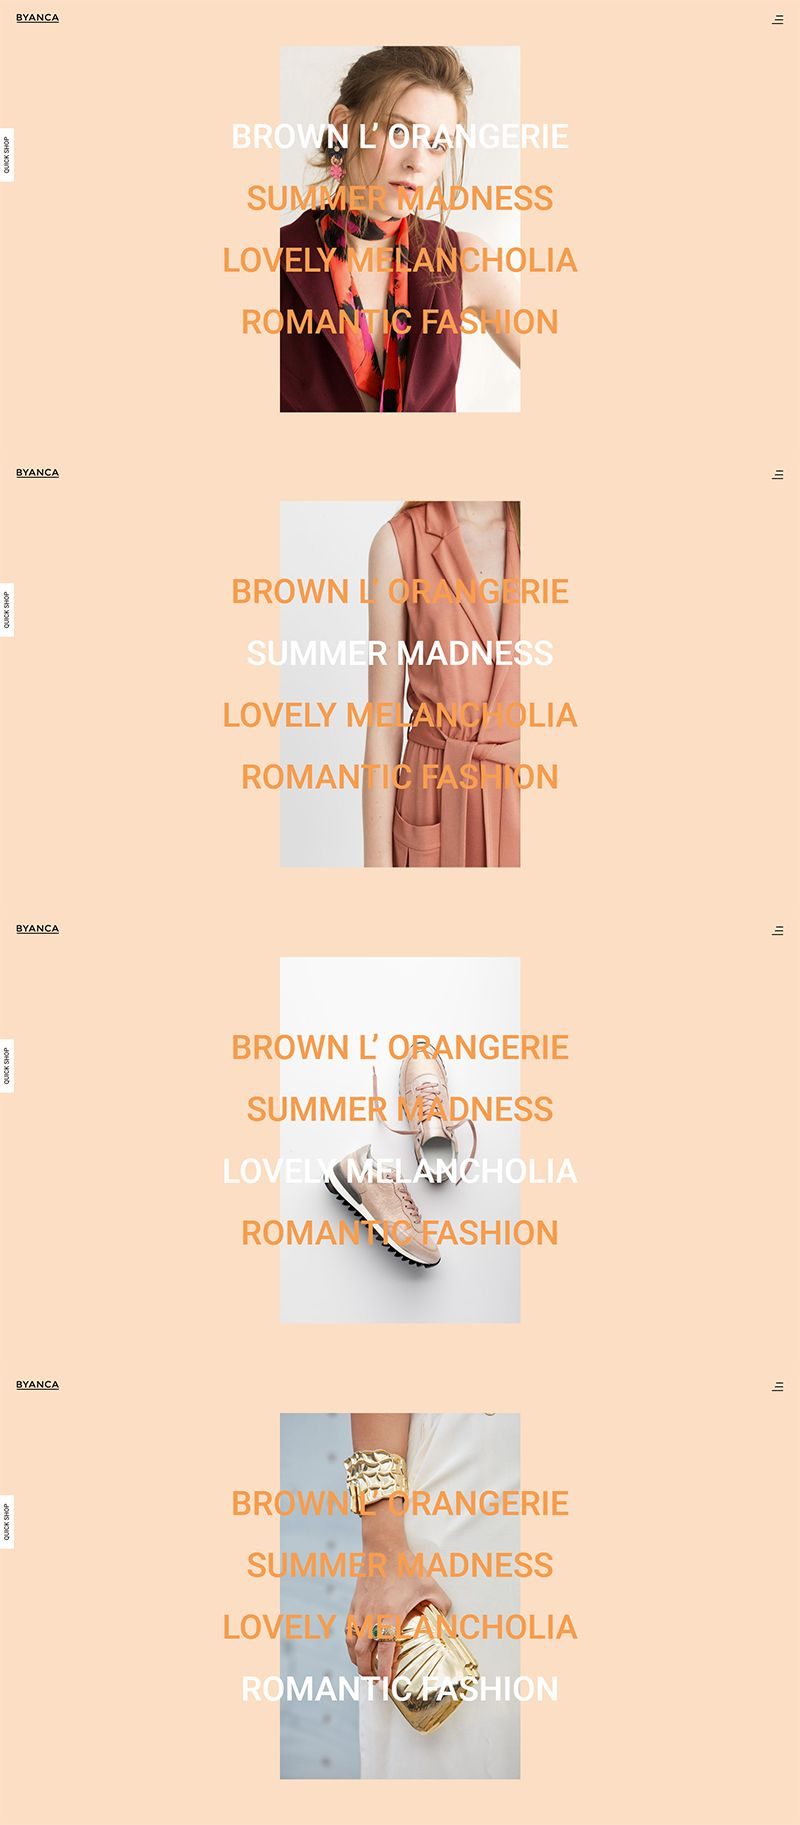 b4c86014a556  wordpress  layout  template  design  webdesign  fashion  boutique   onlineshopping  fashionstore  fashionbrand  ecommerce  woocommerce  elegant